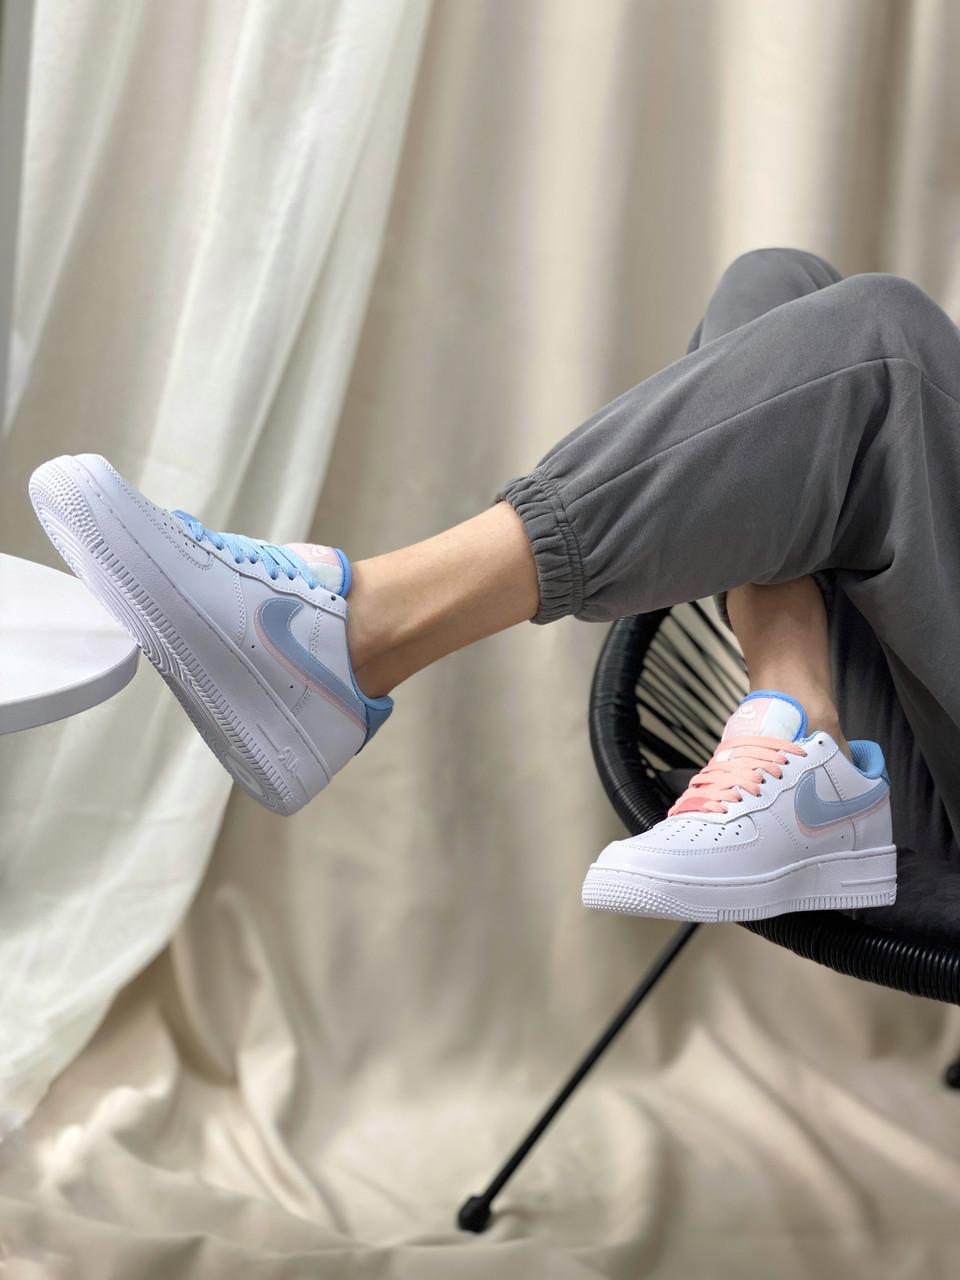 Кросівки Nike Air Force White/Blue/Pink (білі/сині/рожеві)